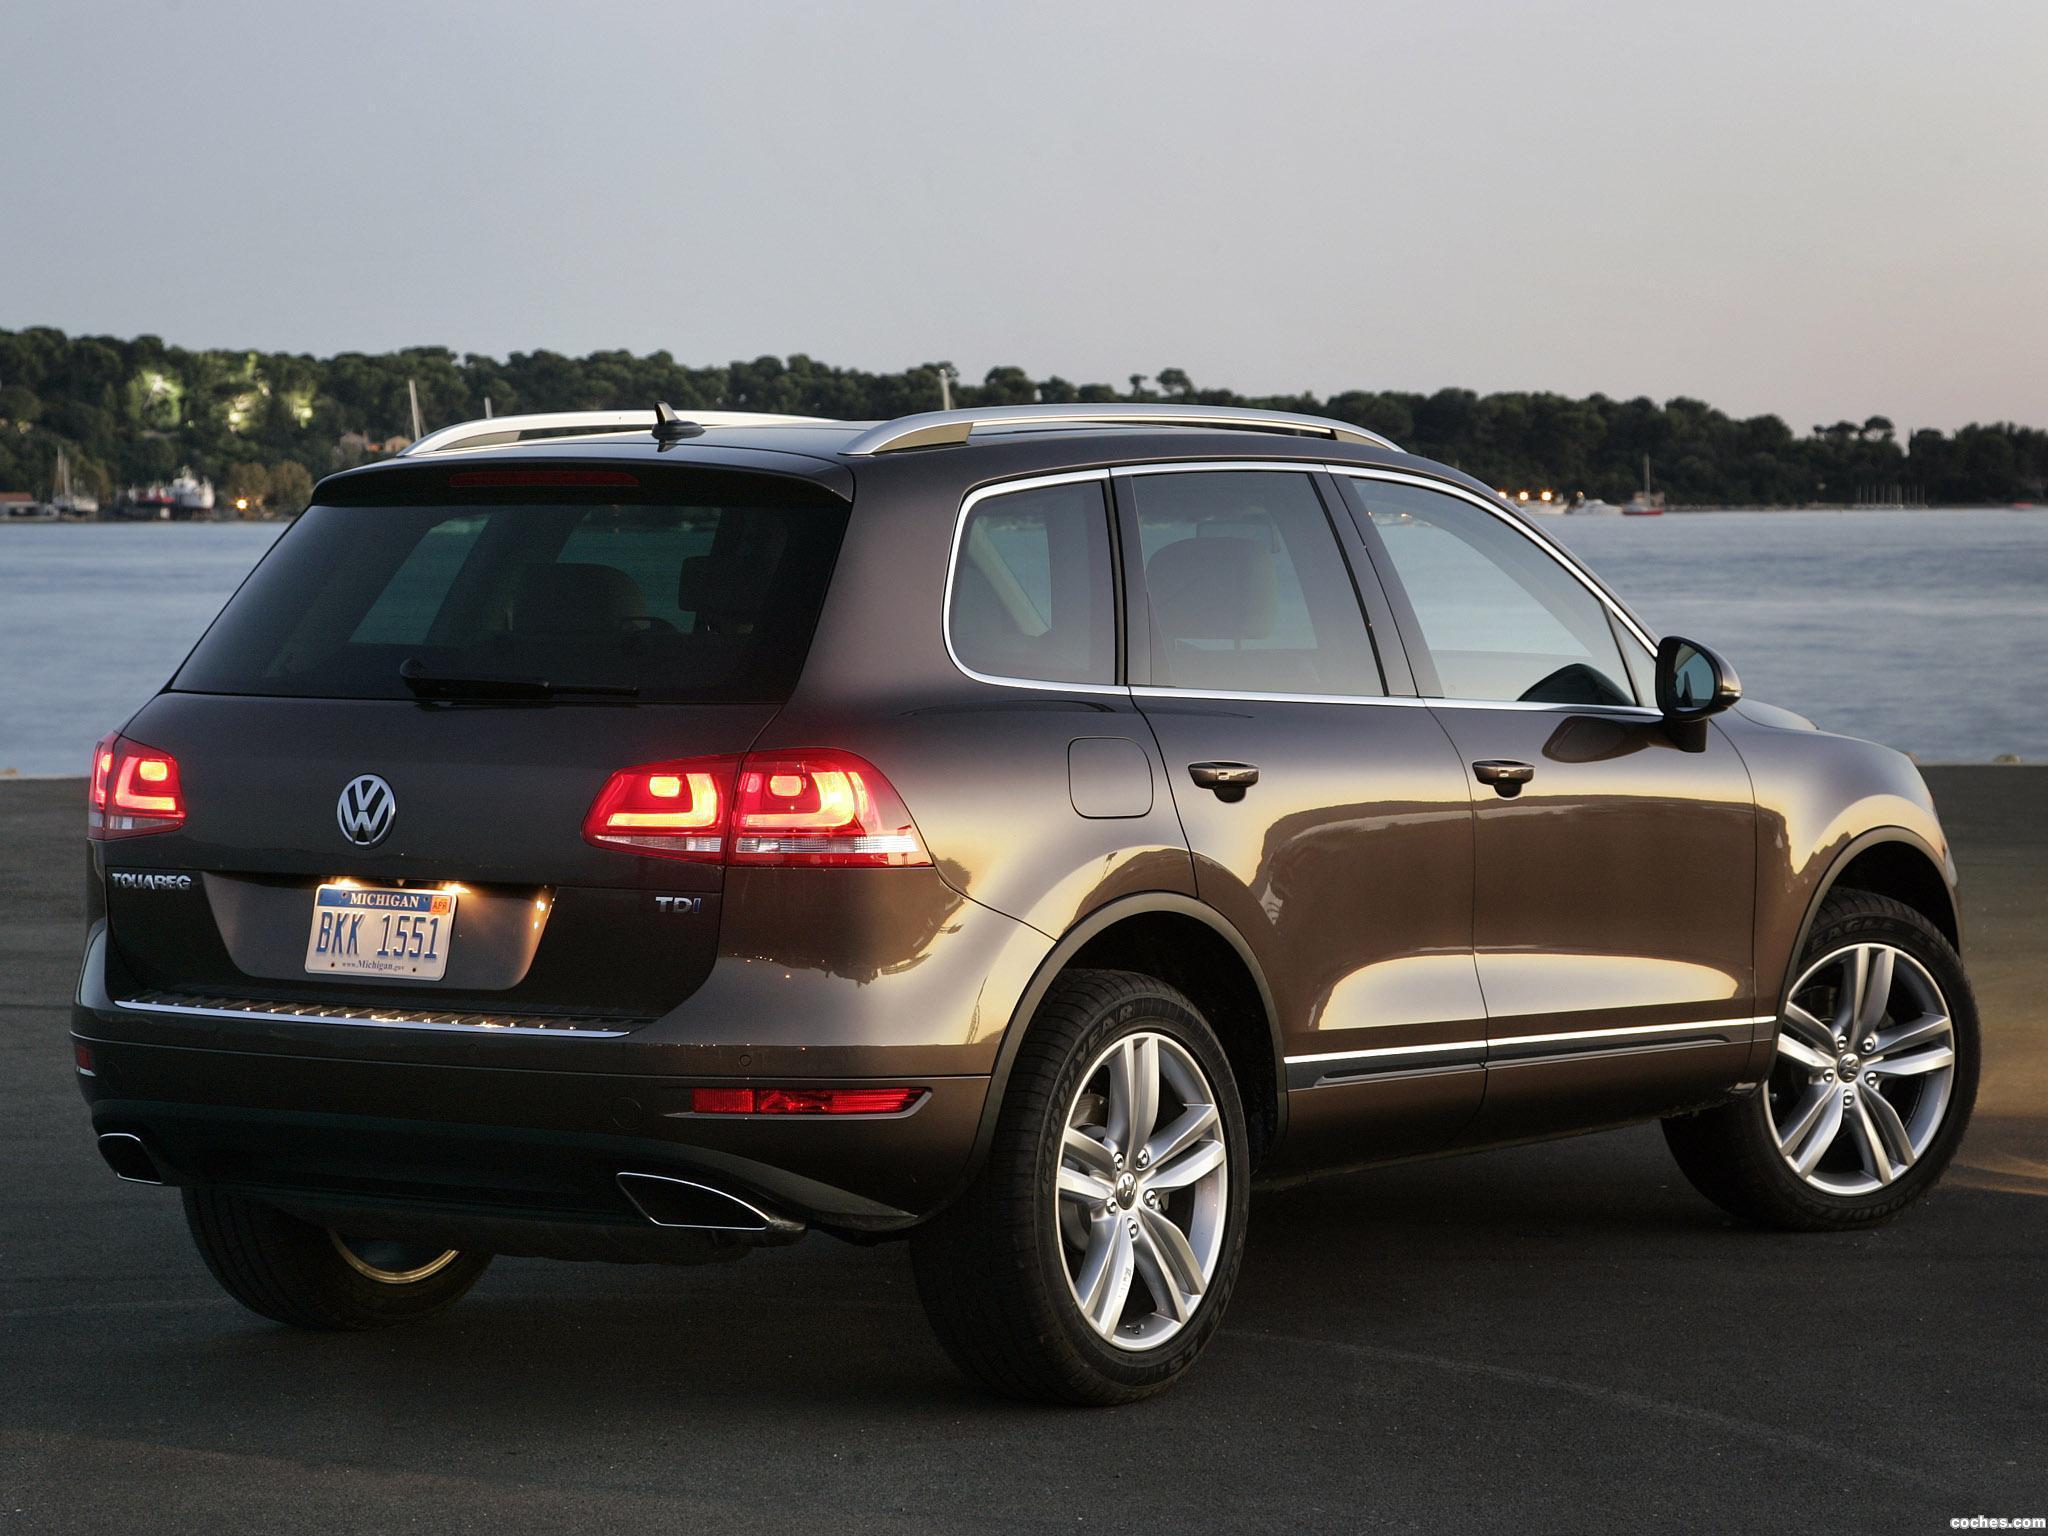 Foto 1 de Volkswagen Touareg V6 TDI USA 2010